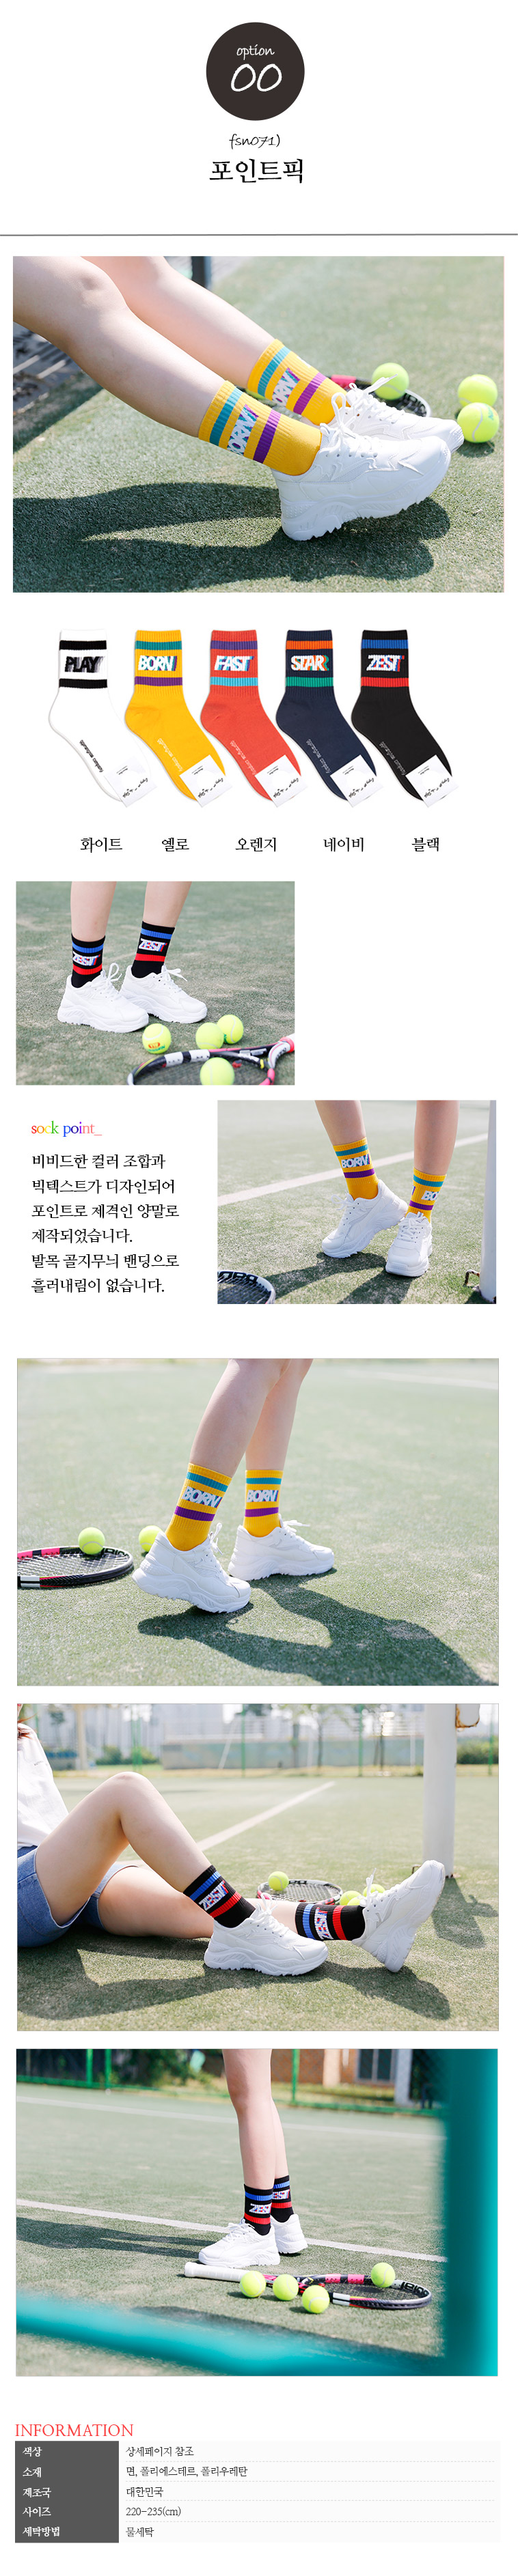 포인트 픽 - 앤코양말, 1,990원, 여성양말, 패션양말